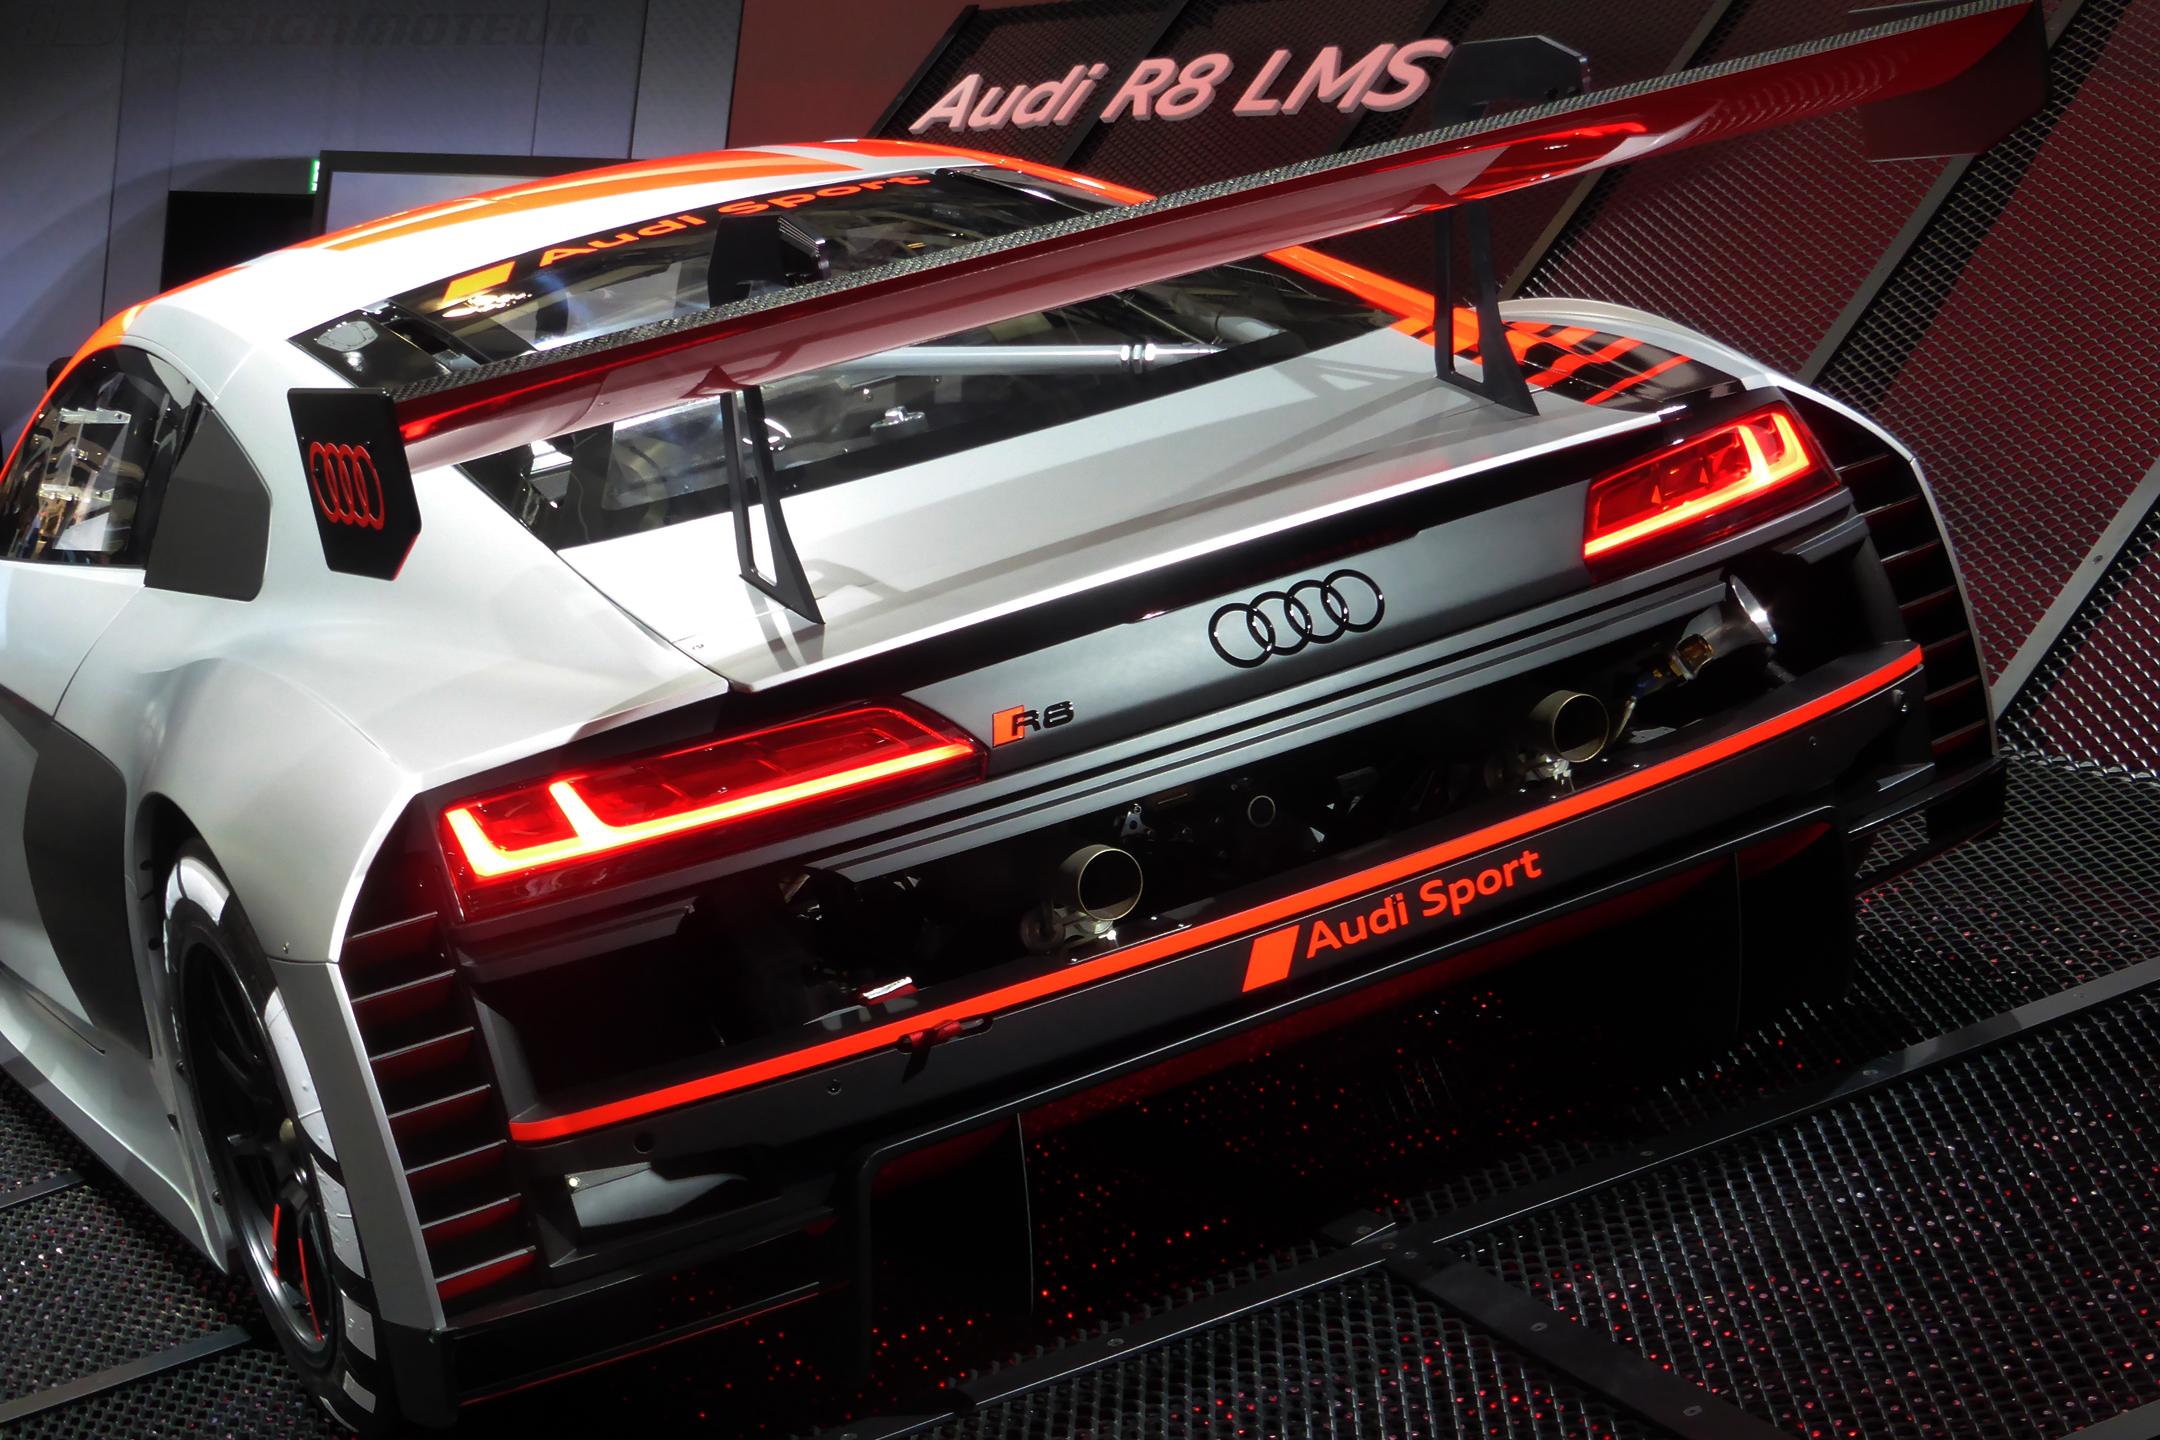 Audi Sport R8 LMS - rear face - Paris Motor Show - 2018 - Mondial Auto - photo ELJ DESIGNMOTEUR